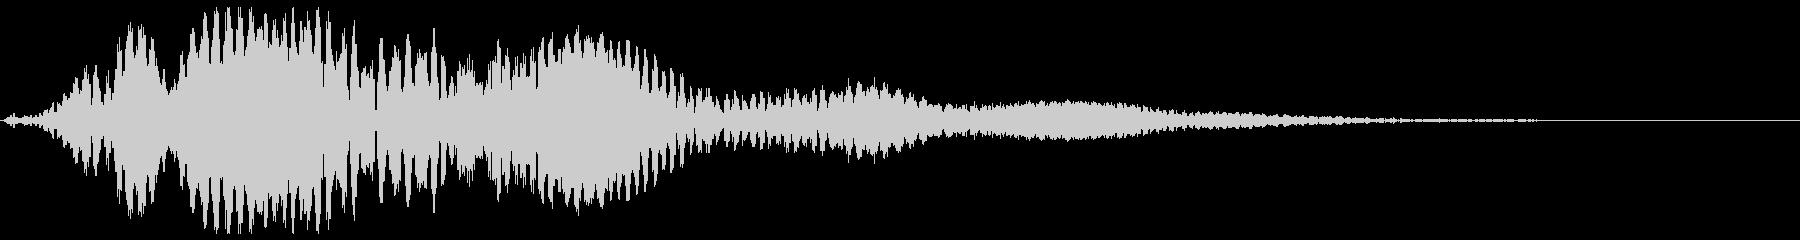 キイィイーン(鈴虫、金属が鳴る音)の未再生の波形